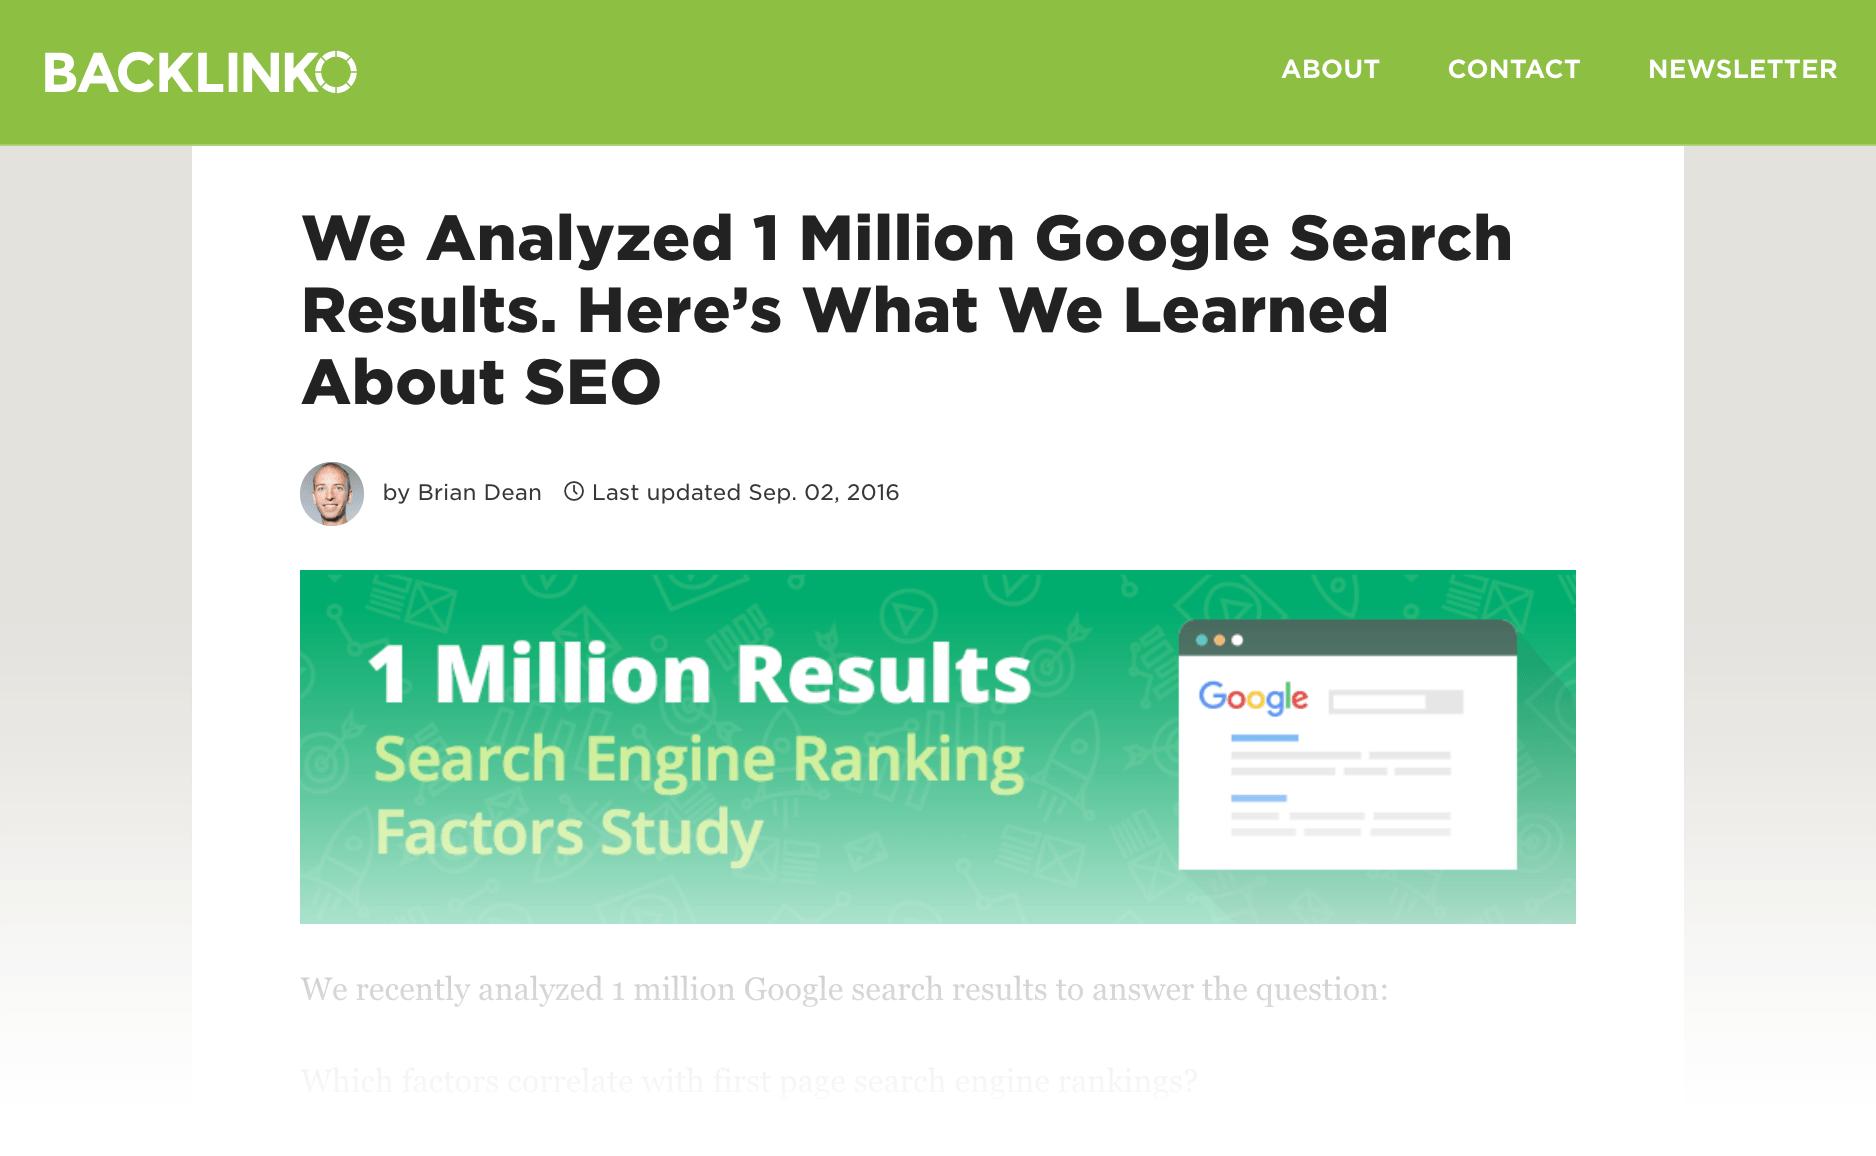 مطلبی در مورد همبستگی فاکتورهای رتبه بندی گوگل